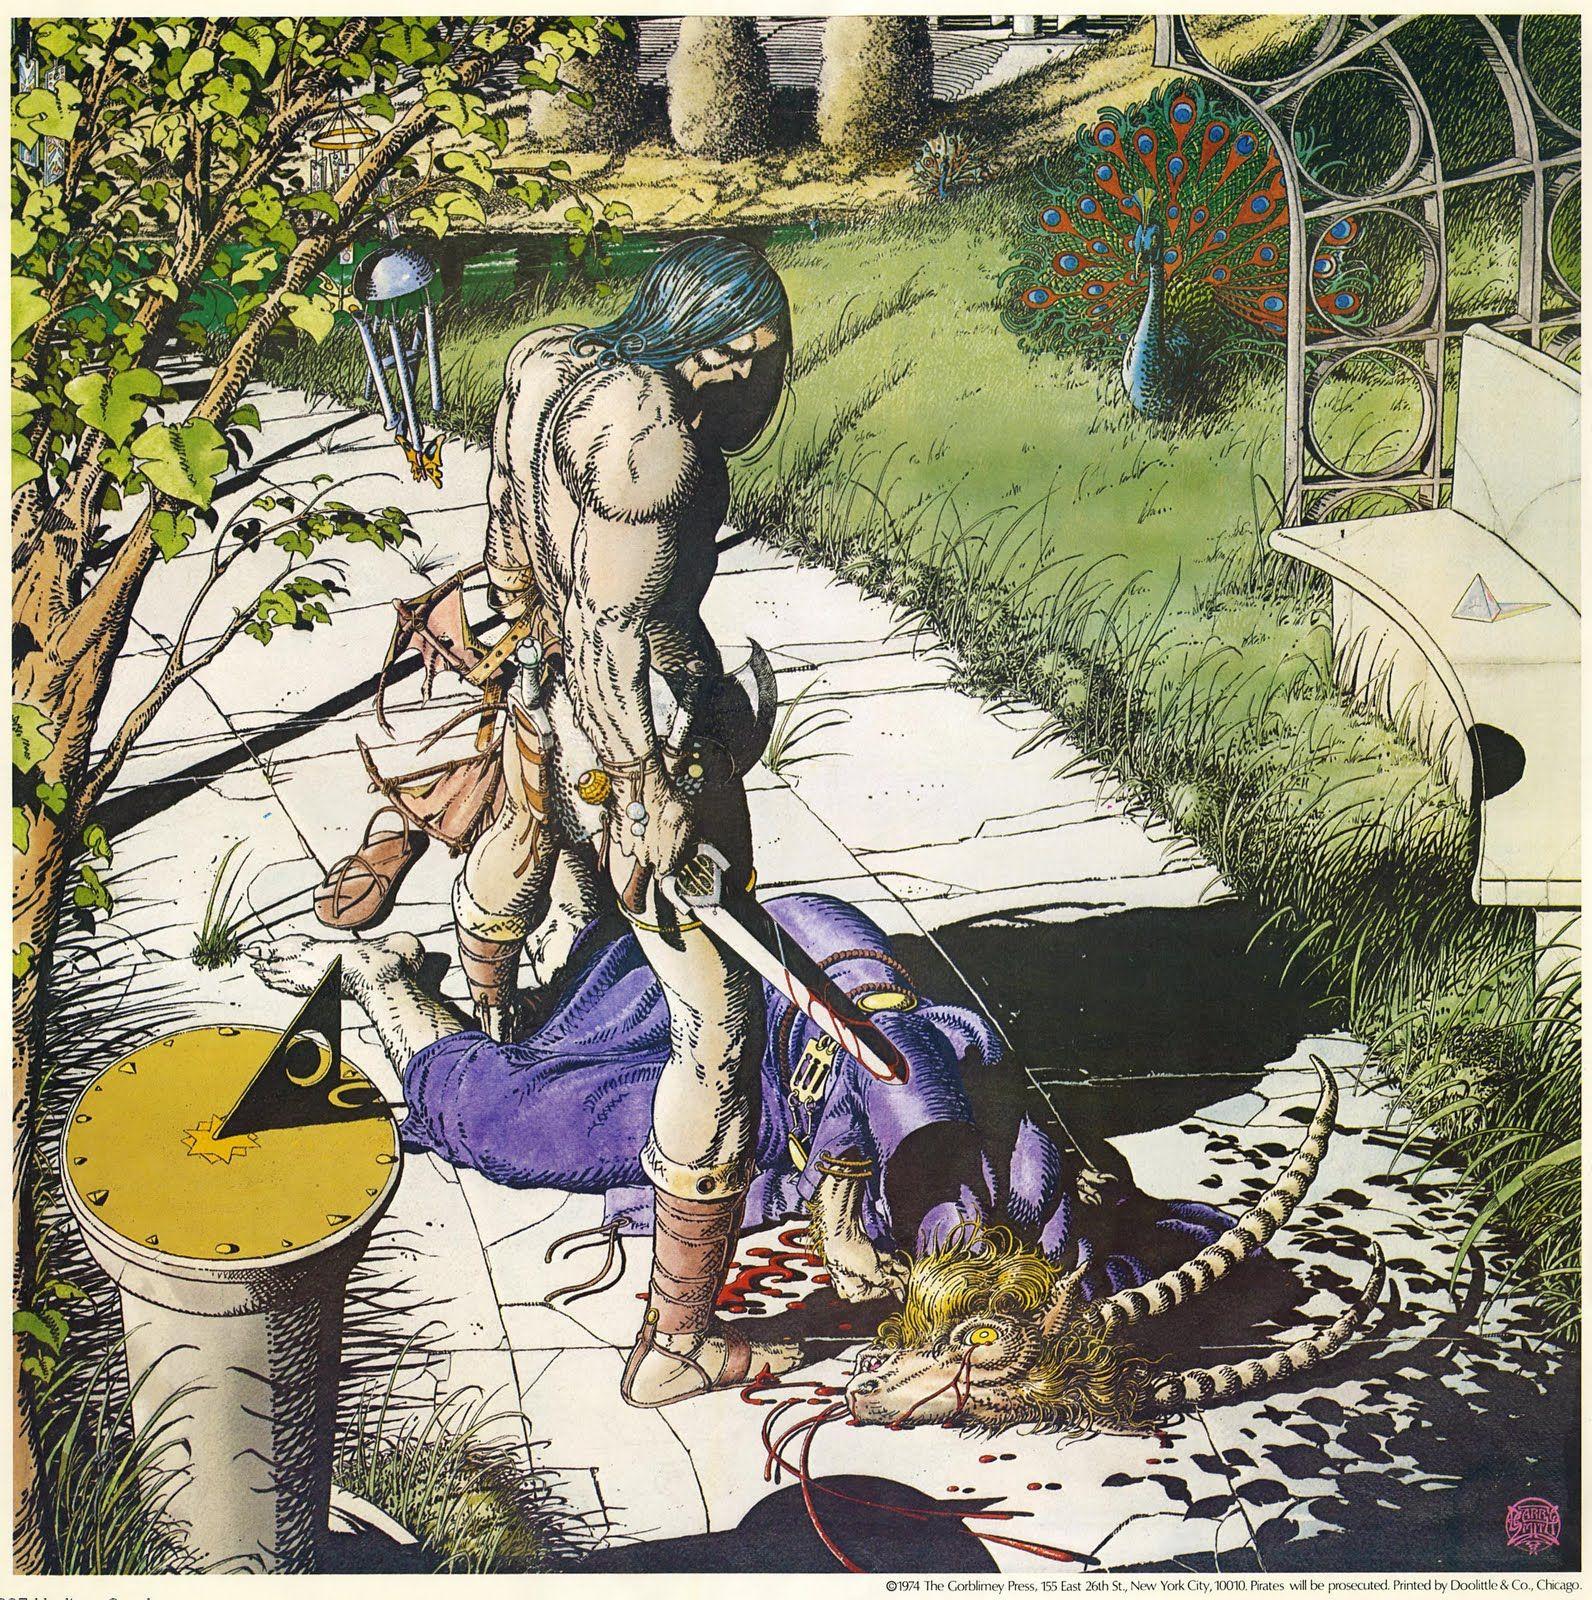 Barry Windsor-Smith, es un dibujante de cómics e ilustrador británico que ha editado su obra más conocida en Estados Unidos. Su reconocimie...